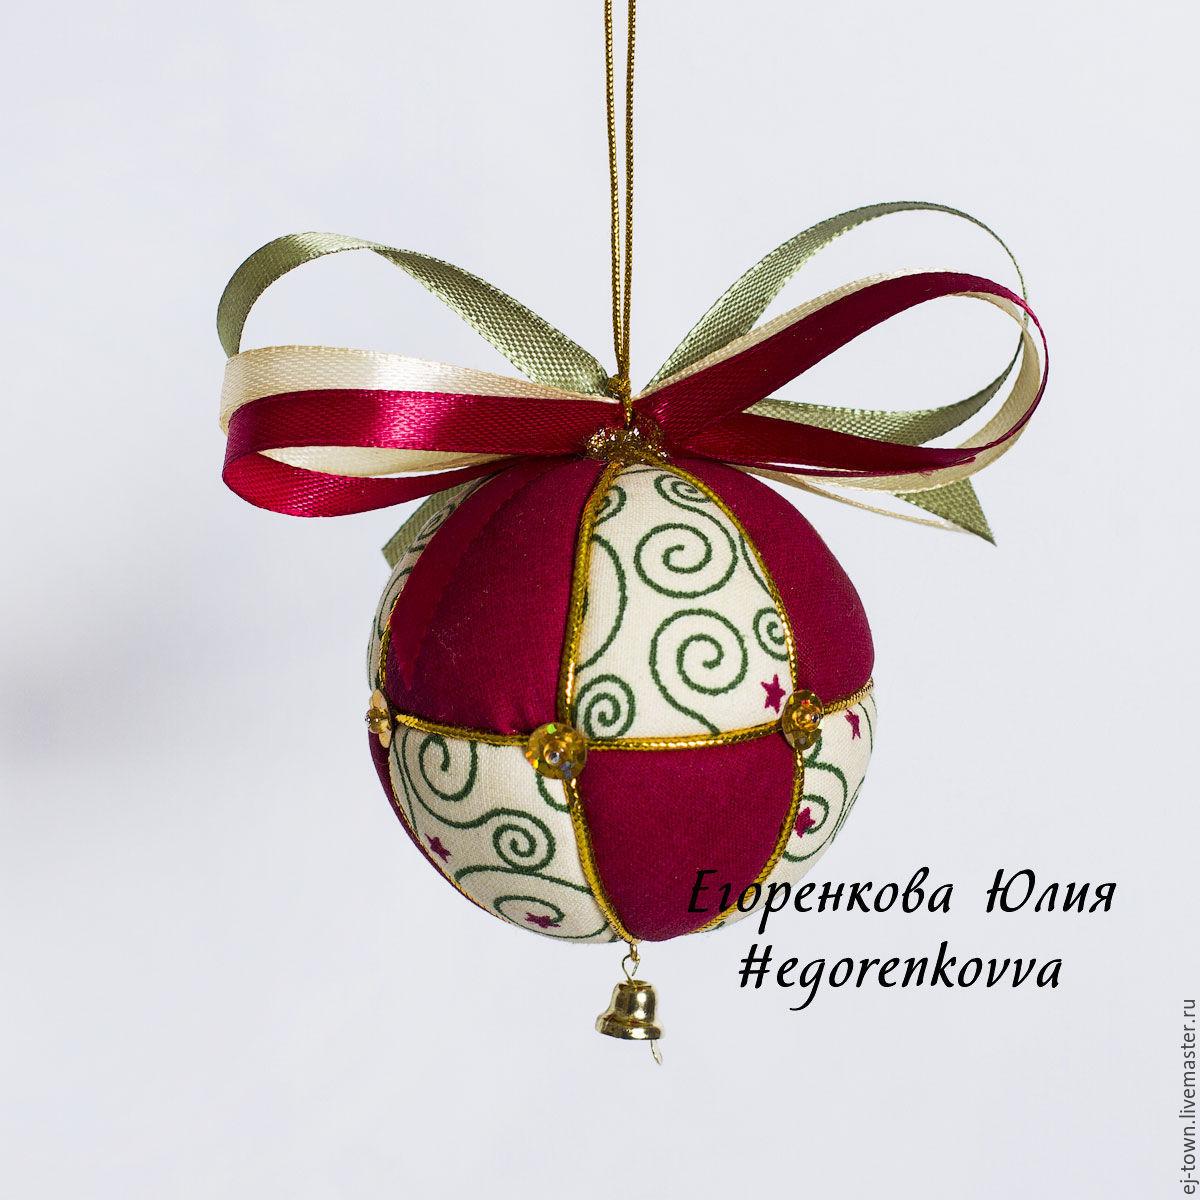 Новогодний елочный шар бордовый бежевый 6 см. Подарок на Новый год 2018